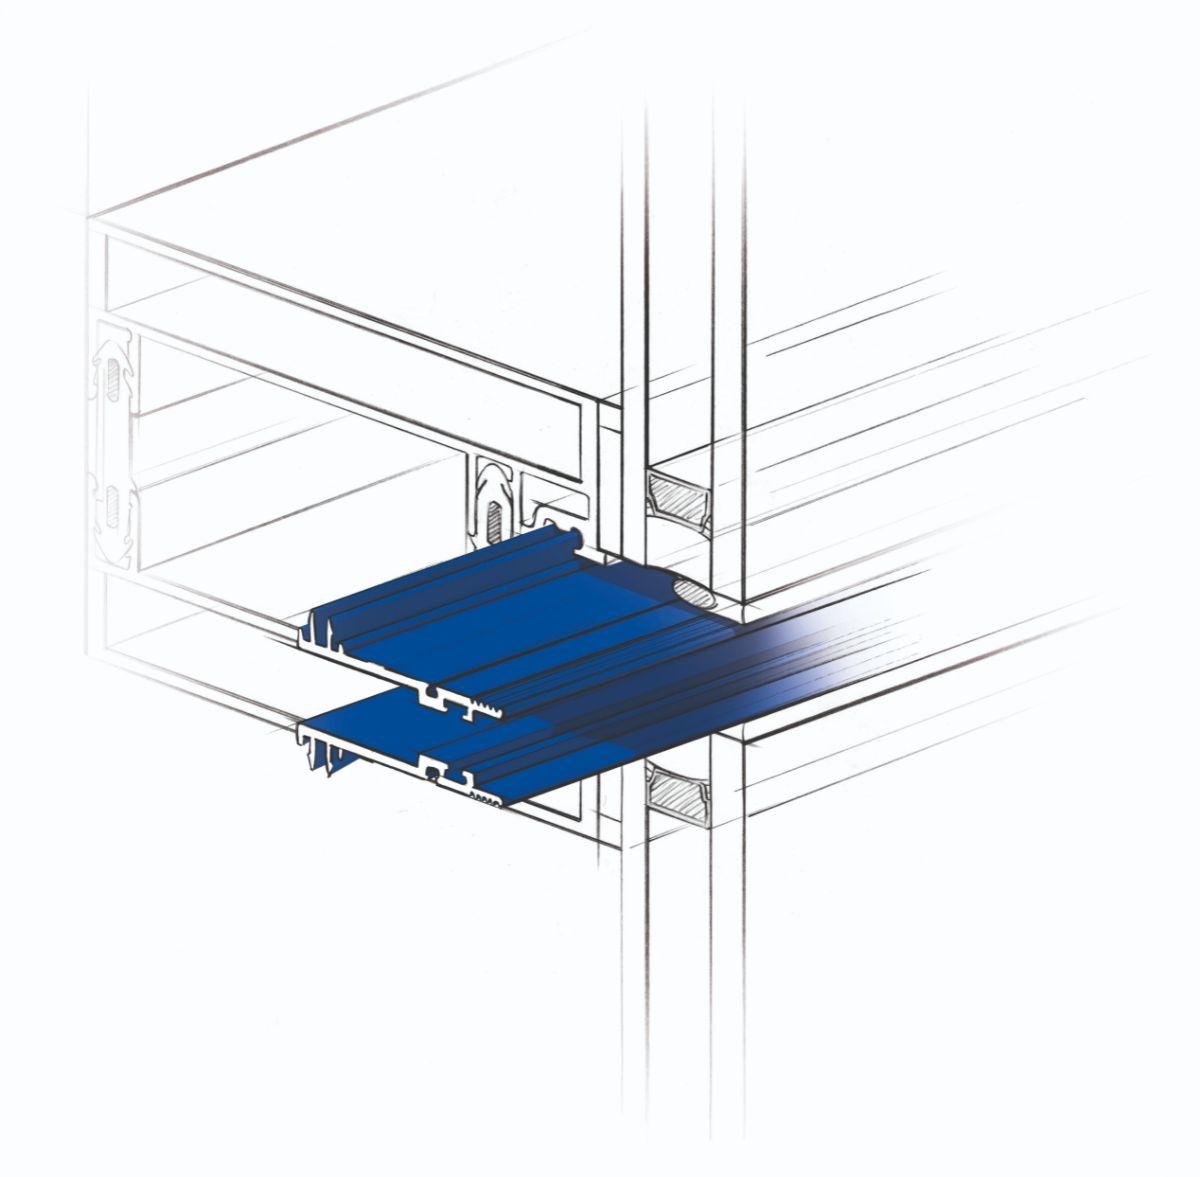 公司名称 : 泰诺风集团 展位号 : 3H01 产品品牌 : 泰诺风 主营产品 : PA66 GF25隔热条 企业简介 : 泰诺风(Technoform)集团公司1969年创建于德国卡塞尔,是全球著名的专业生产和销售各种热塑混合精密型材企业。产品广泛运用于建筑门窗,玻璃,汽车,航天等领域。泰诺风的宗旨是生产热塑精品。 作为建筑隔热材料的全球供应商,泰诺风长期致力于塑料型材的精密挤压技术研发和运用。集团旗下子公司--泰诺风保泰公司(Technoform BAUTEC),是目前全球最大的尼龙隔热条供应商,在